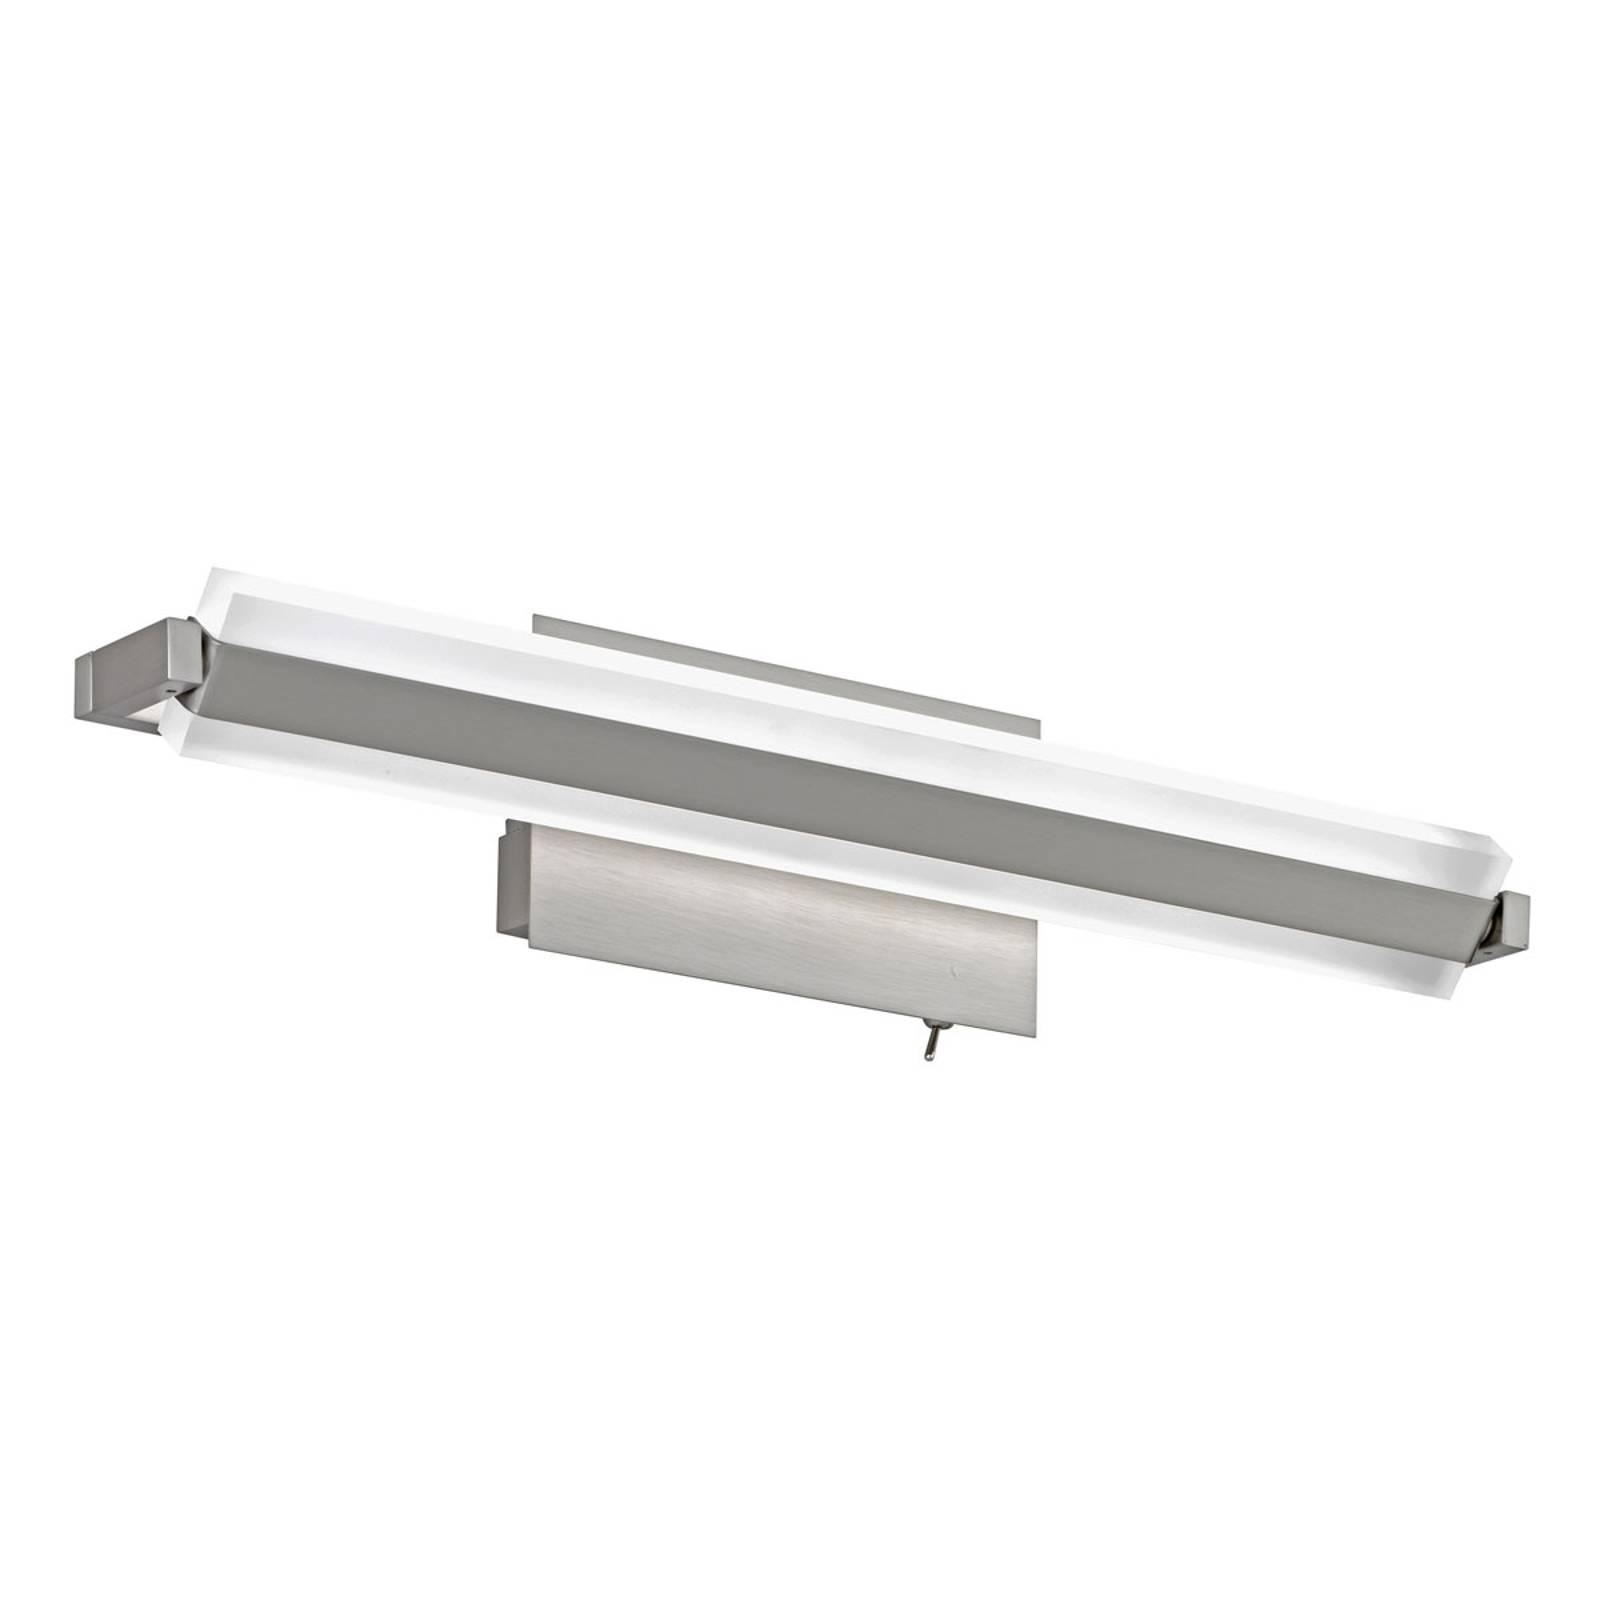 LED-Wandleuchte Turn mit Schalter, 46 cm